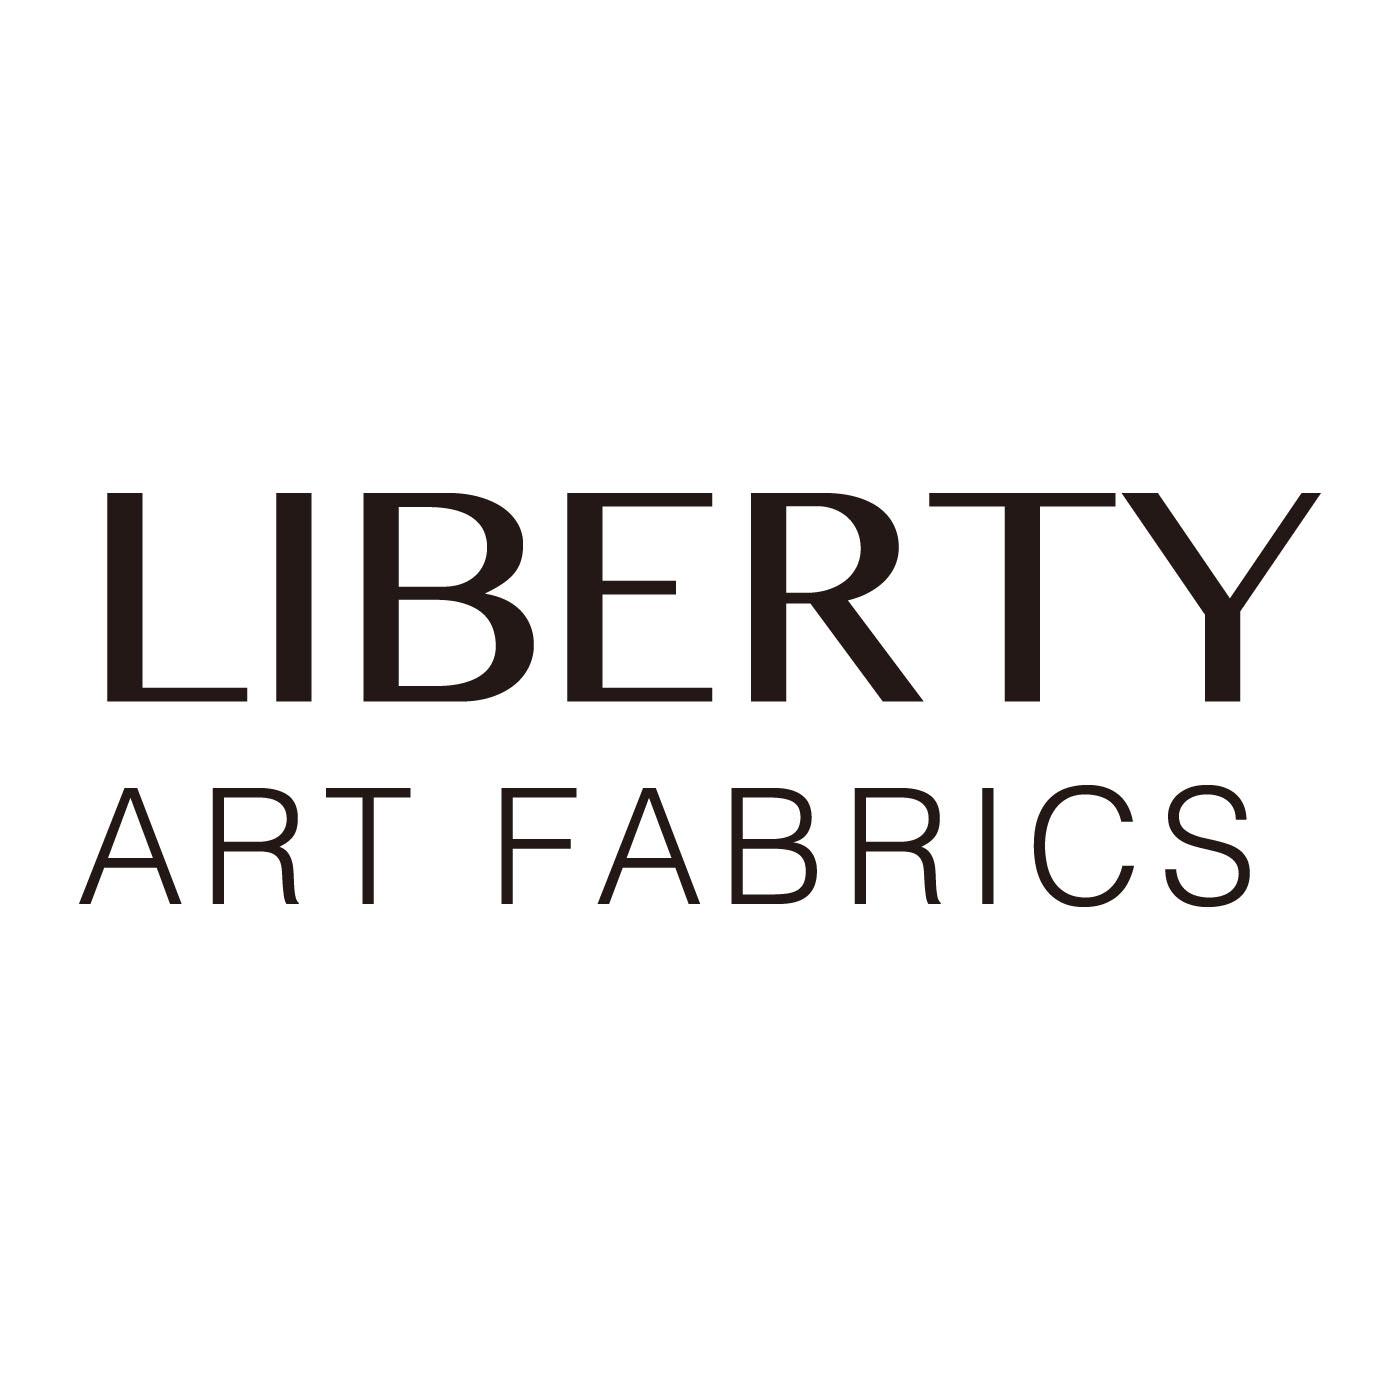 リバティアートファブリックとはイギリス、ロンドンにある老舗プリントメーカー。独特の美しい色彩と繊細なタッチで描かれるリバティプリントは絶大な支持を集める英国テキスタイルブランドです。